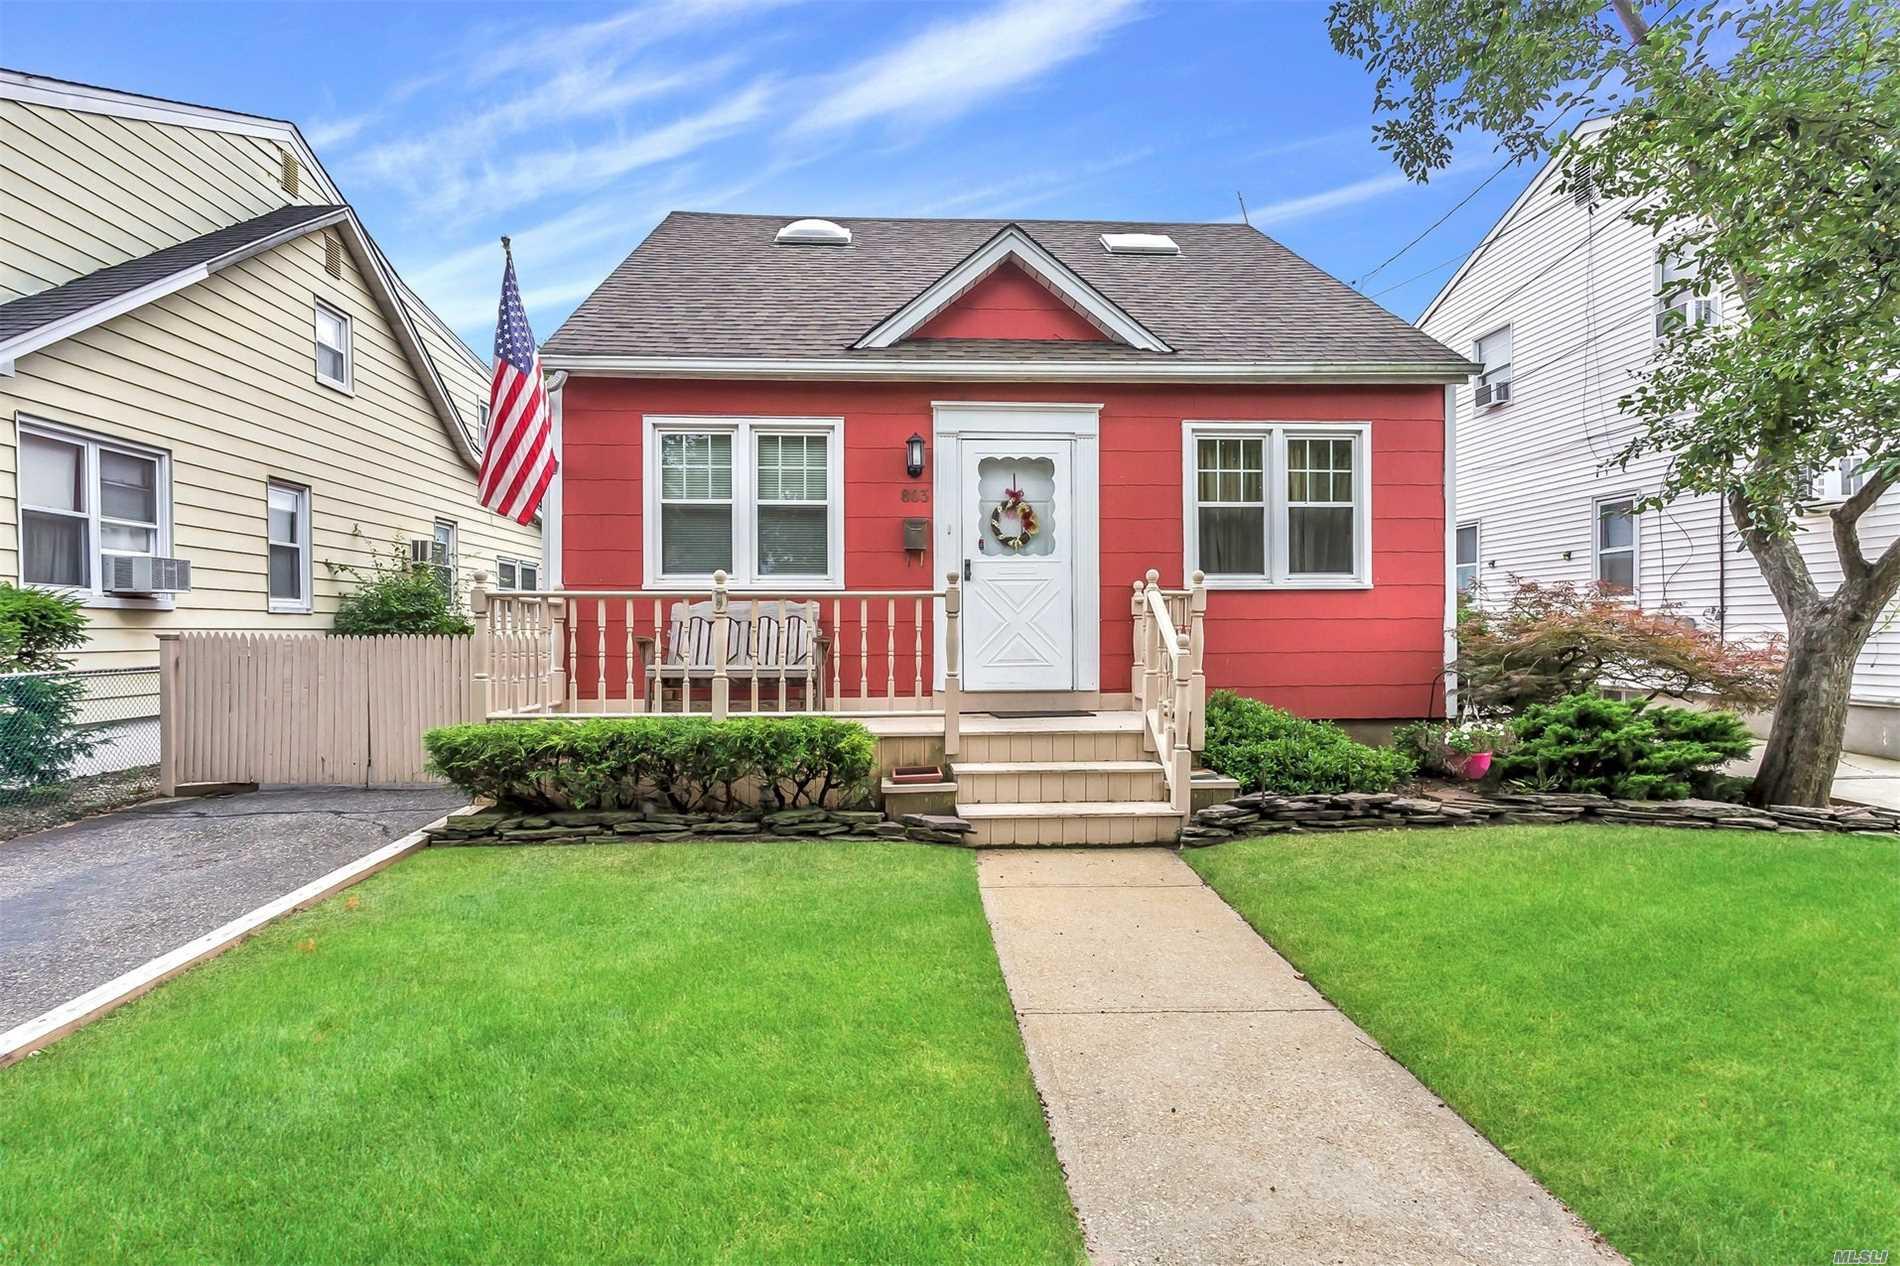 803 Oak St - Bellmore, New York